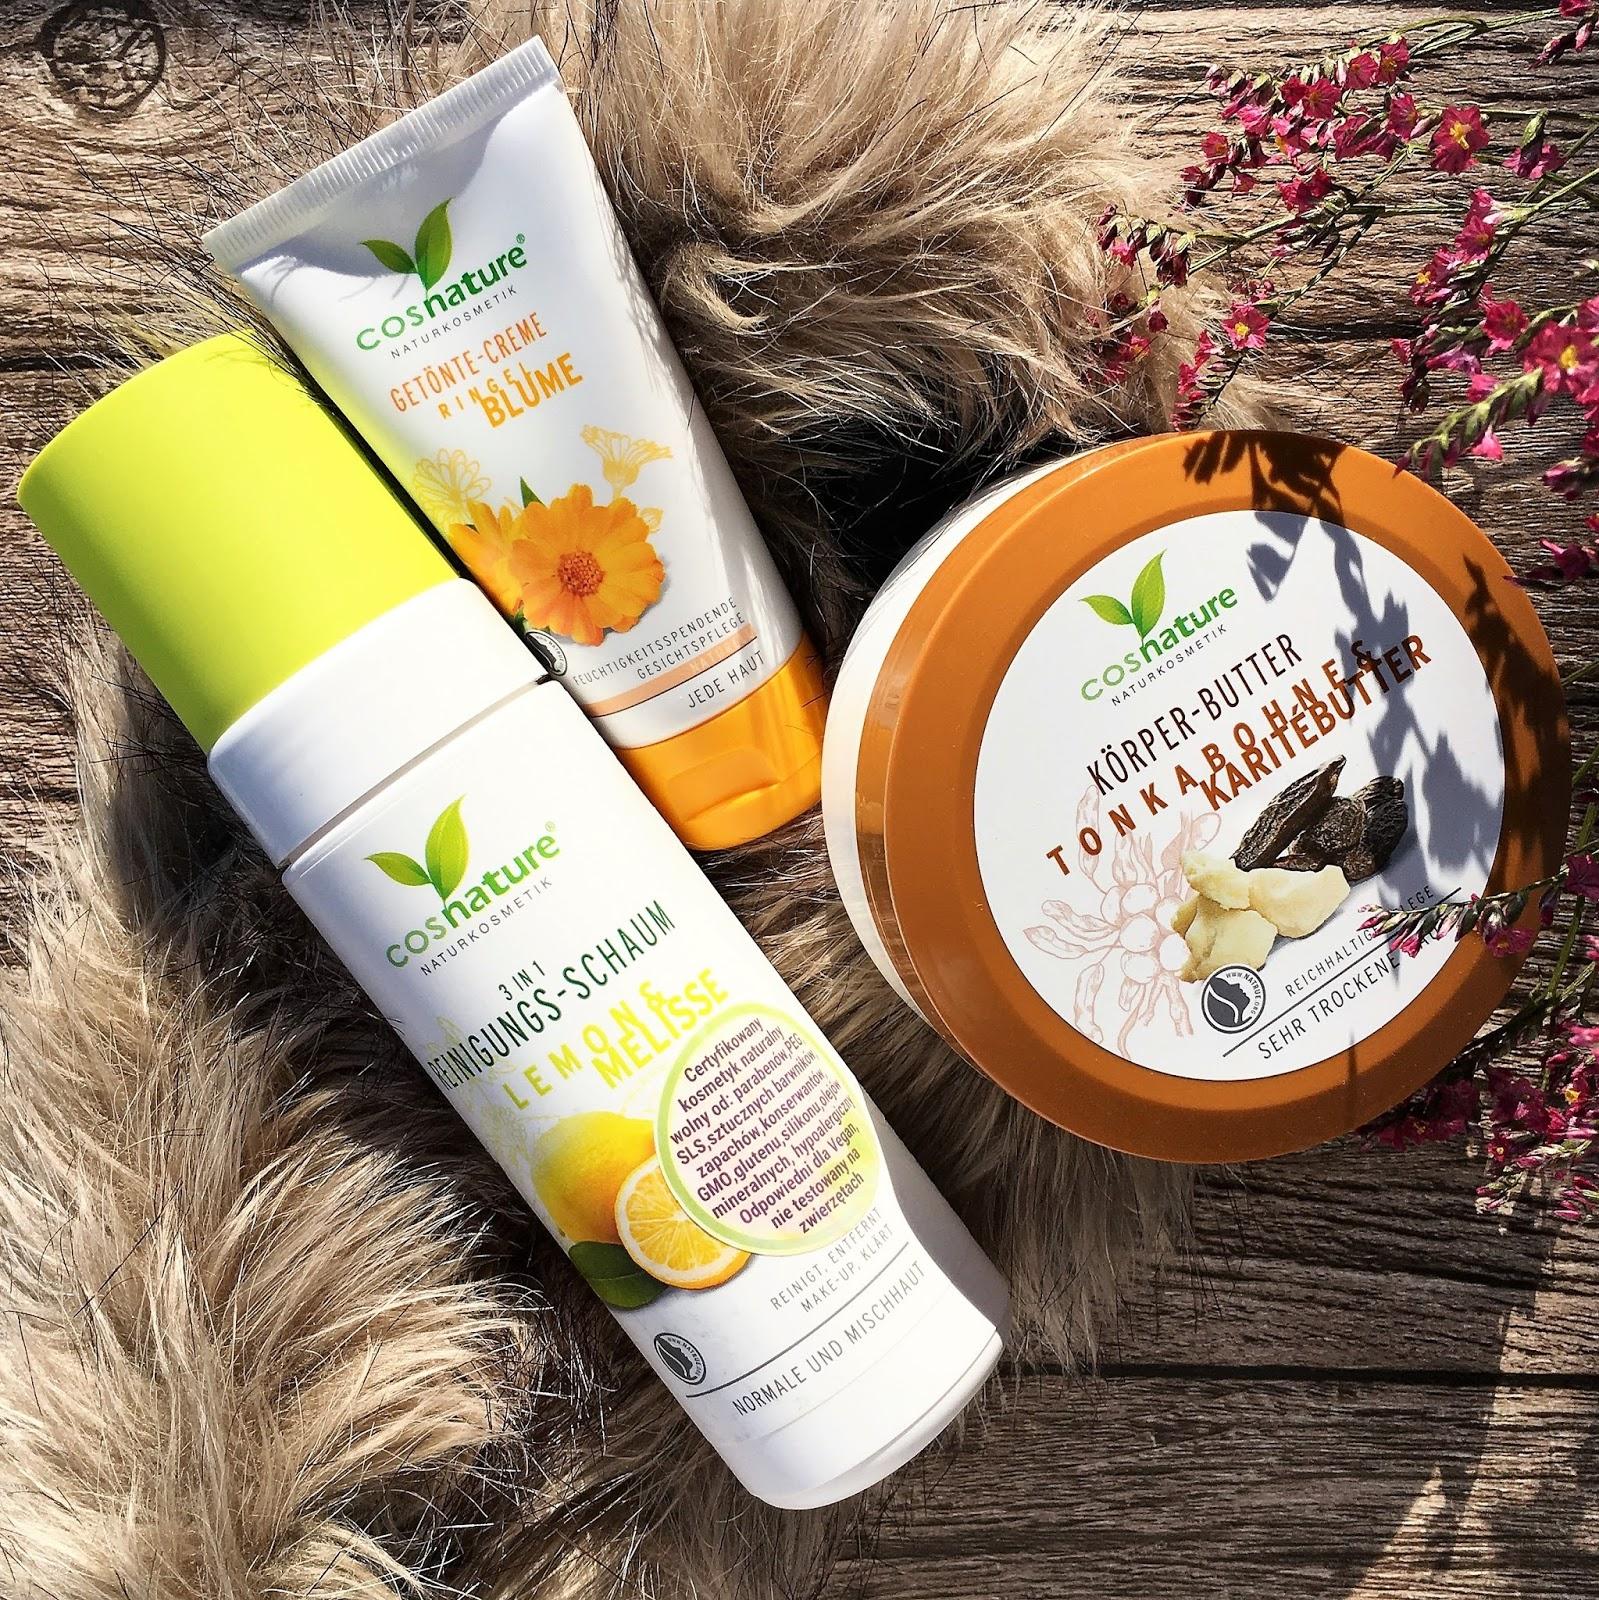 3 naturalne kosmetyki z Cosnature: masło do ciała, pianka i krem do twarzy